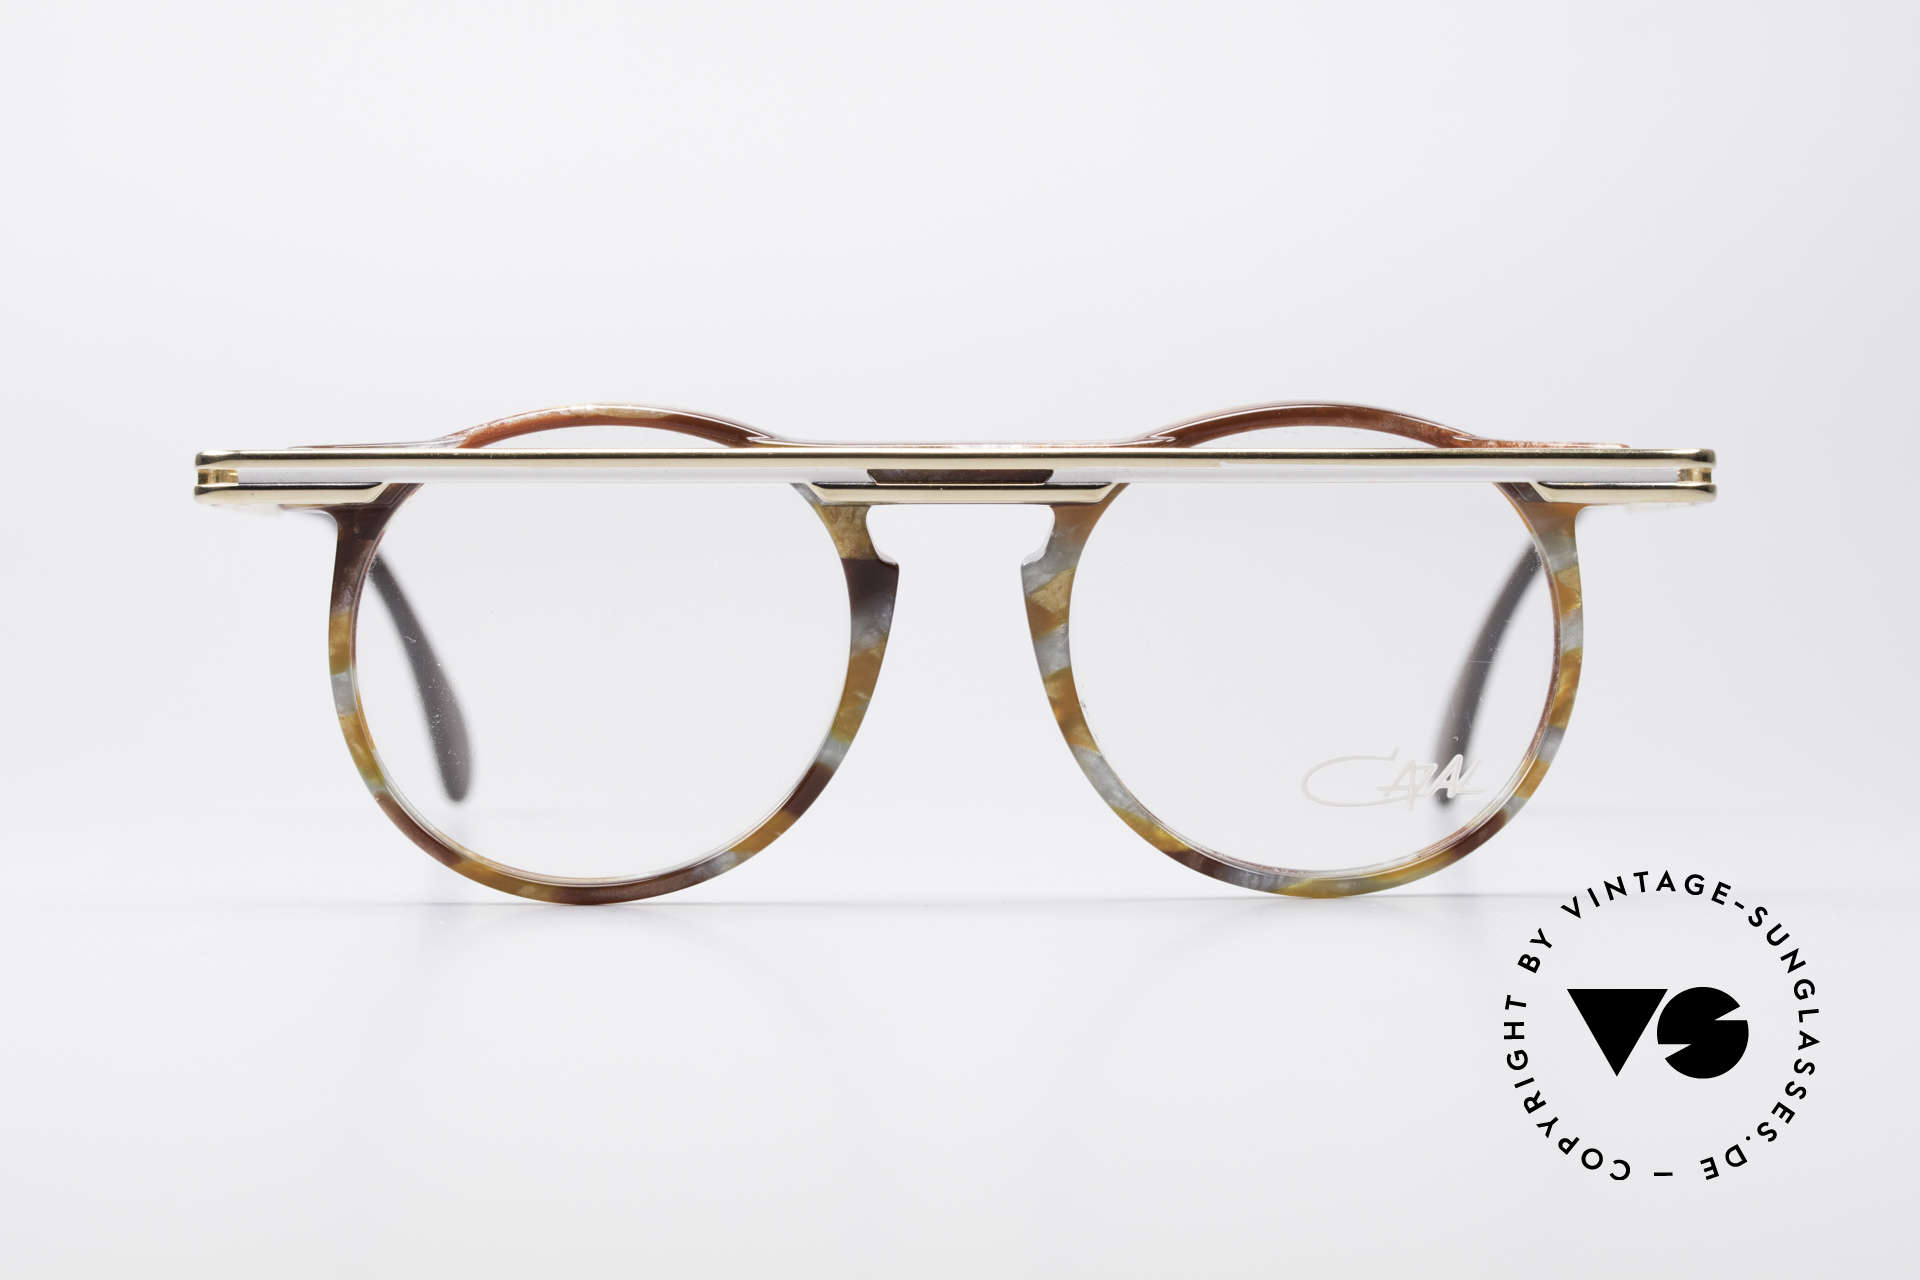 Cazal 648 90er Cari Zalloni Vintage Brille, vom Designer Cari Zalloni getragen (siehe Booklet), Passend für Herren und Damen